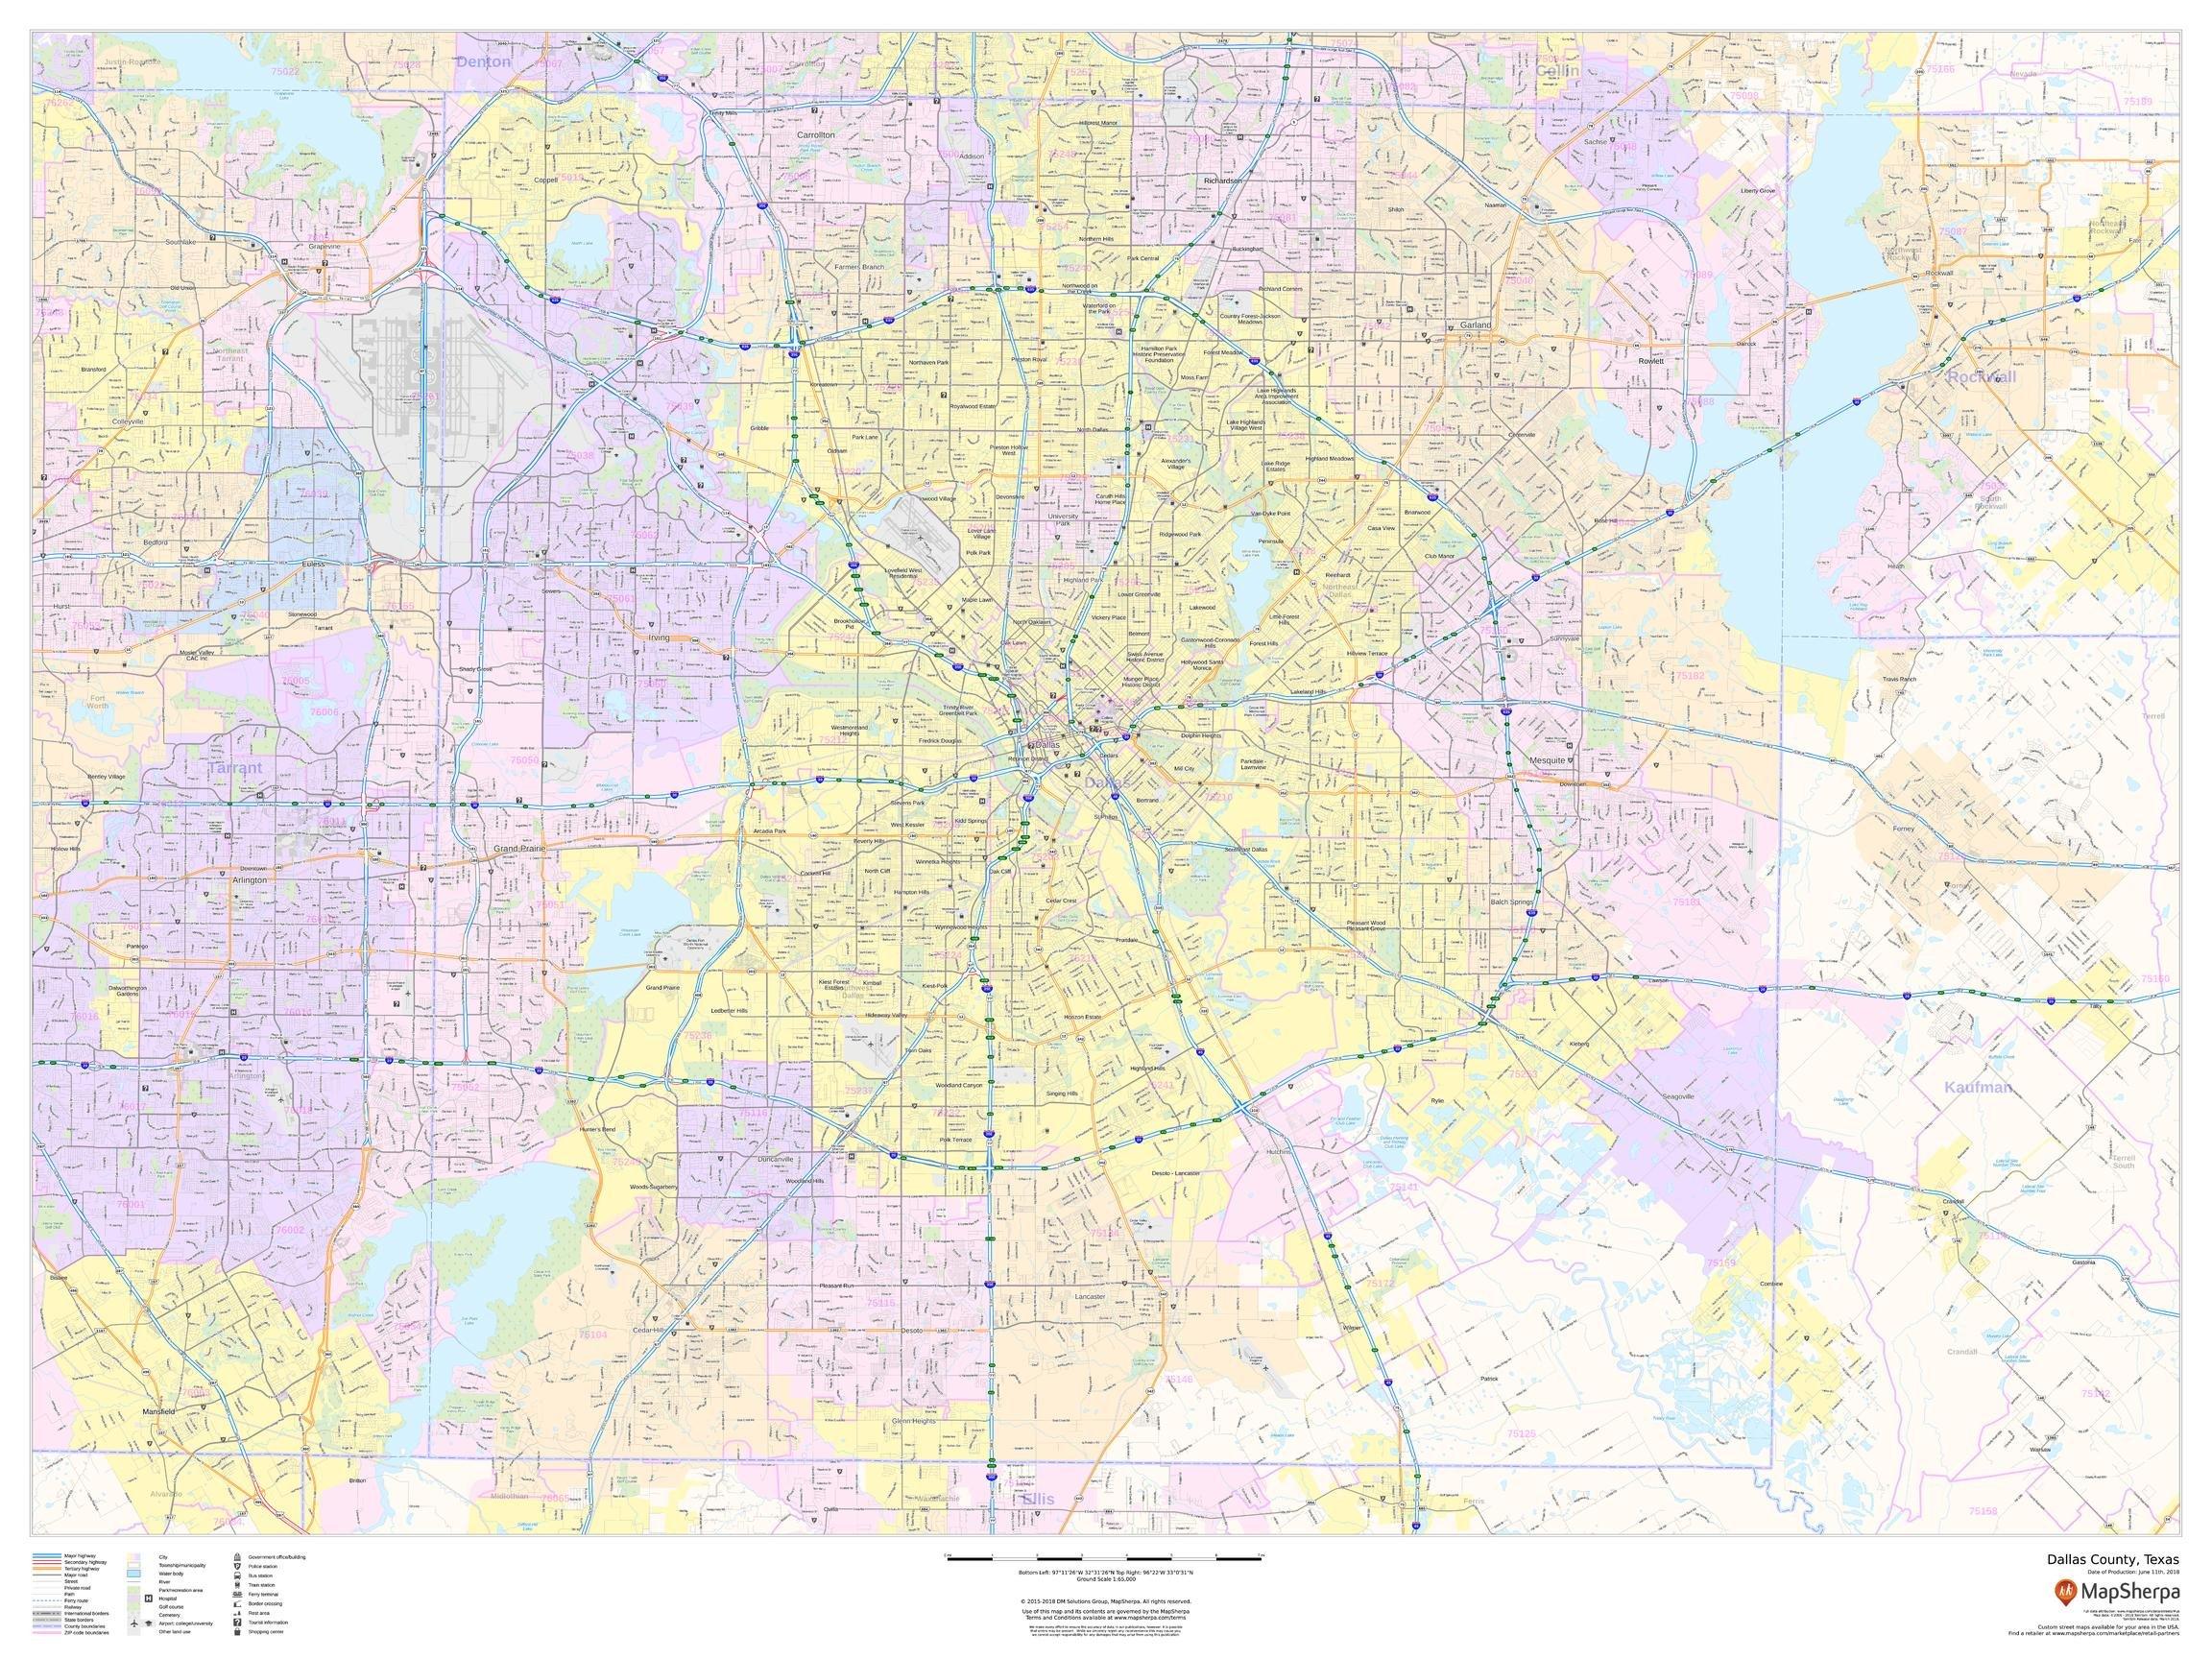 Dallas County, Texas - 48'' x 36'' Laminated Wall Map